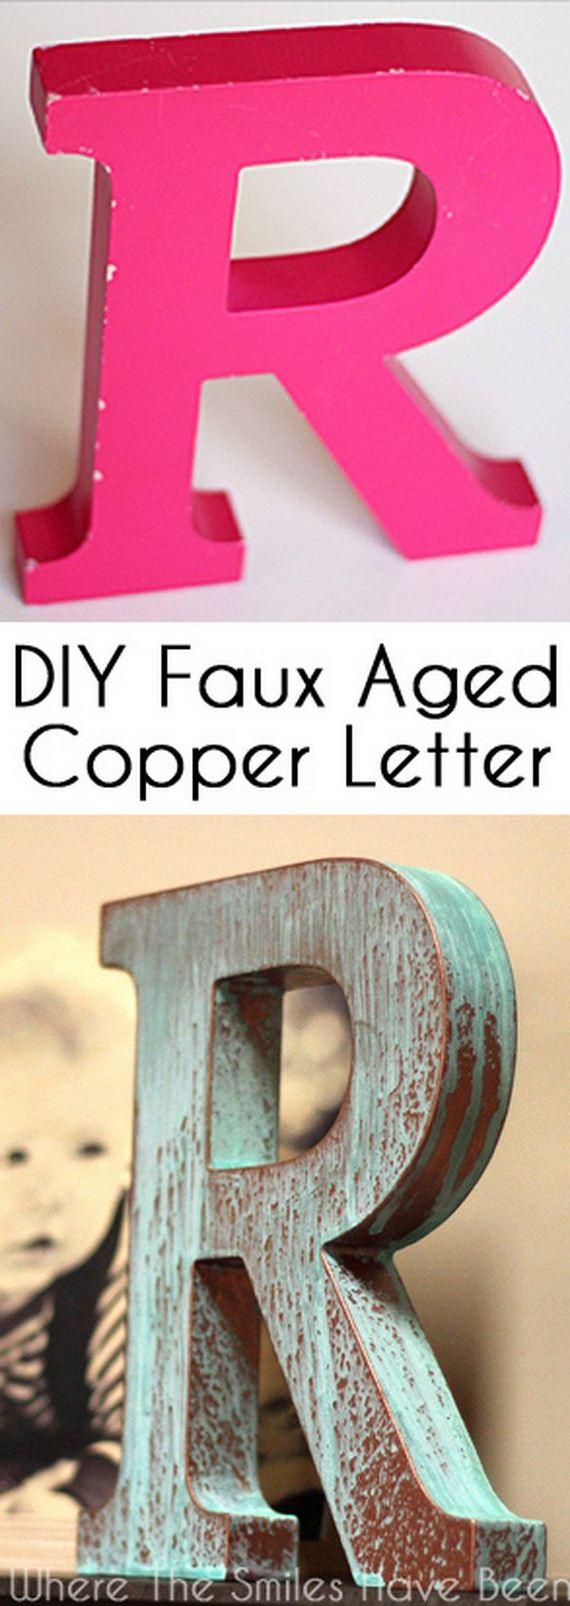 36-diy-letter-ideas-tutorials